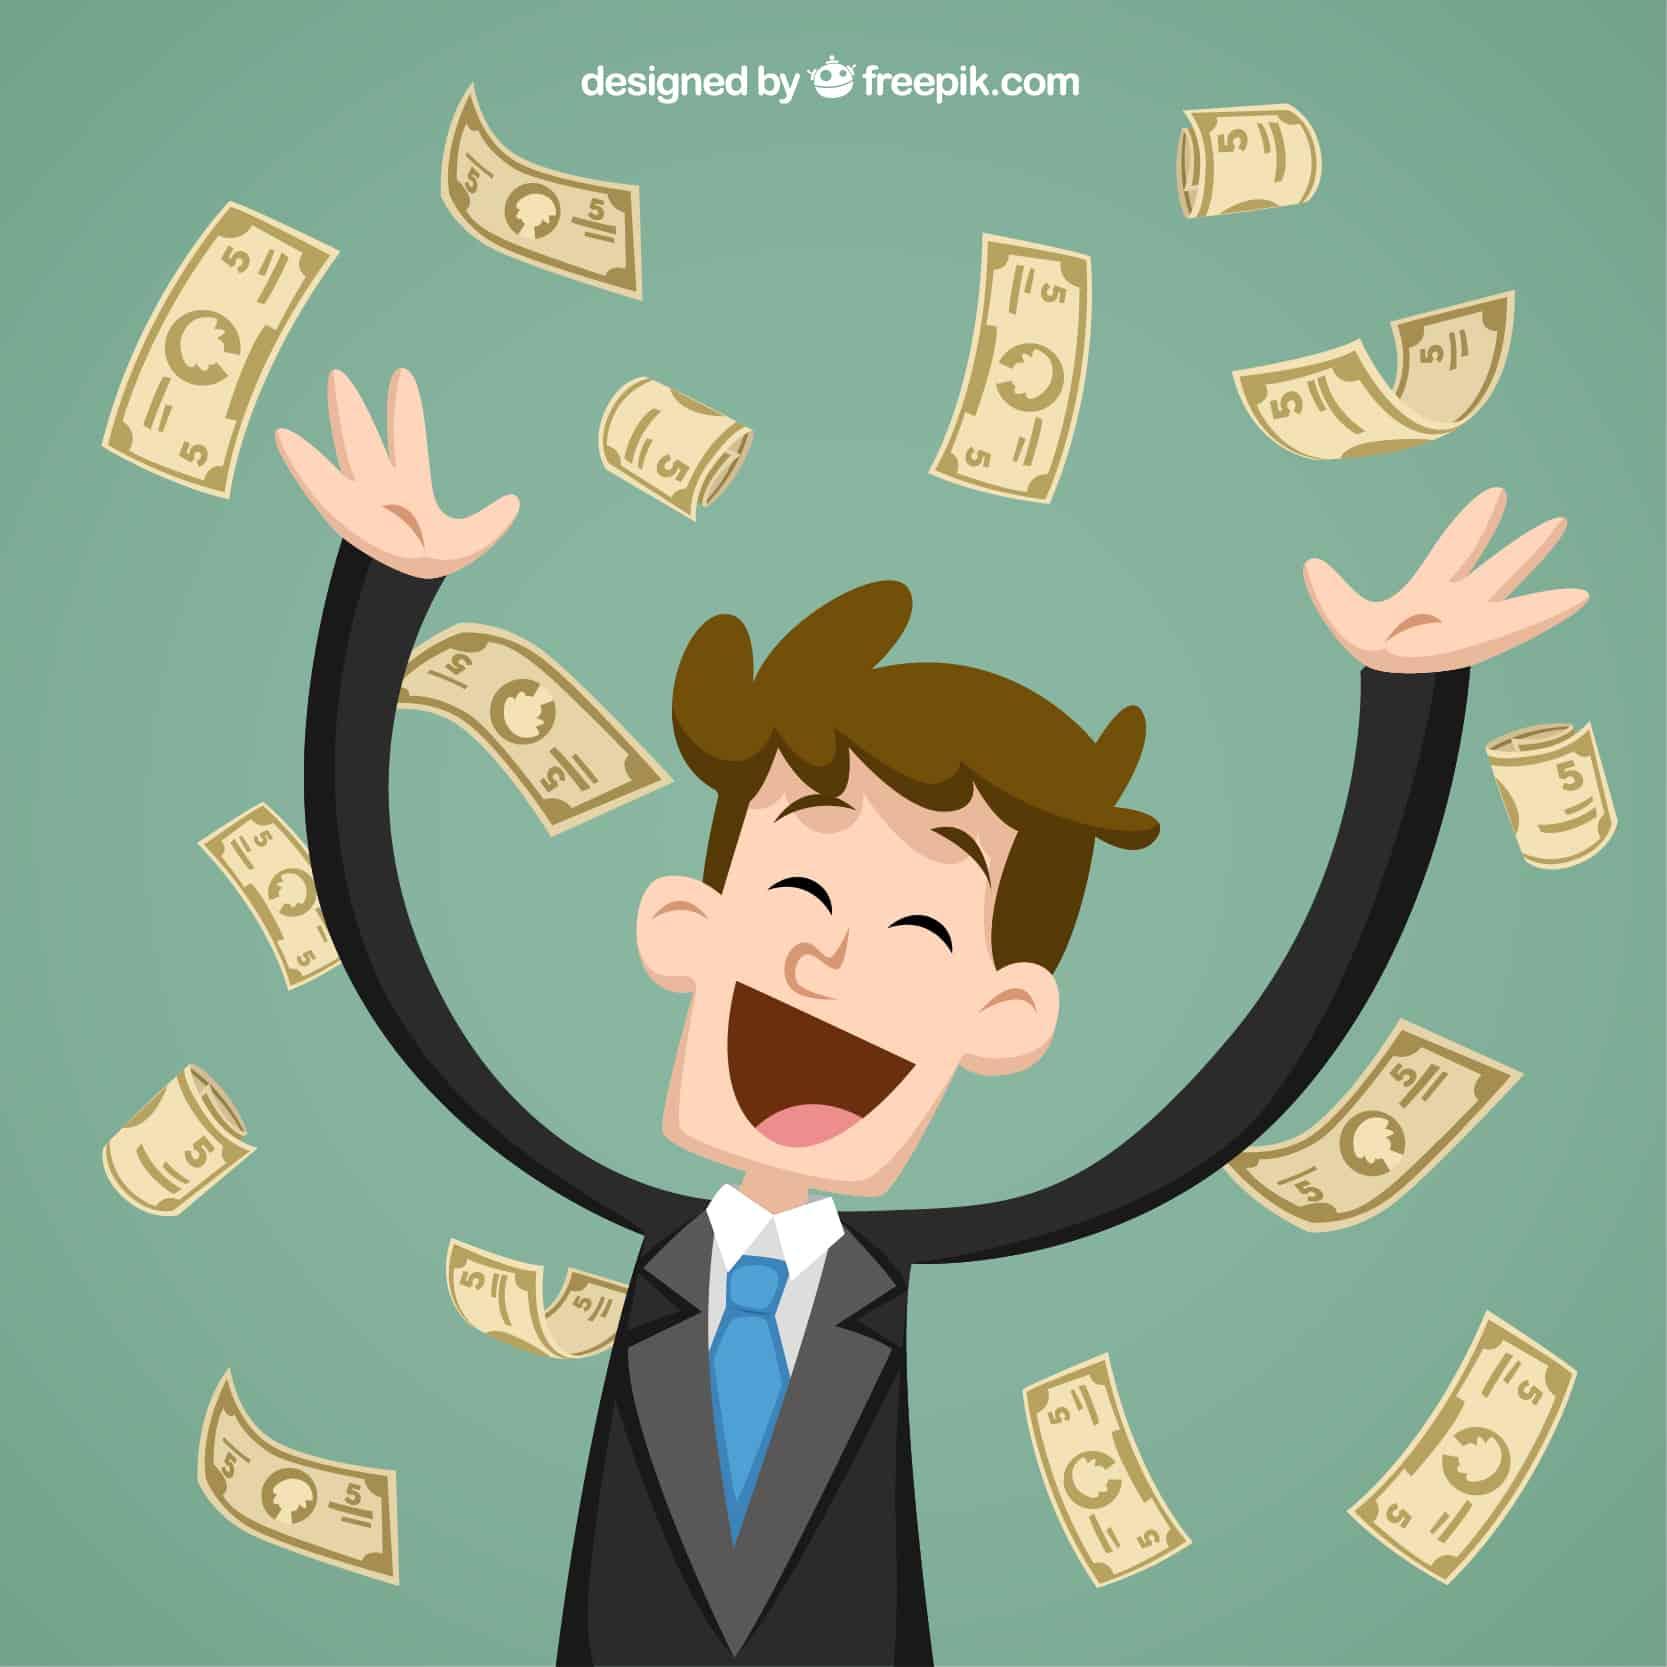 新竹借款利息低|1~15萬、小額貸款 、機車借款免留車,最快2小時就能拿到錢